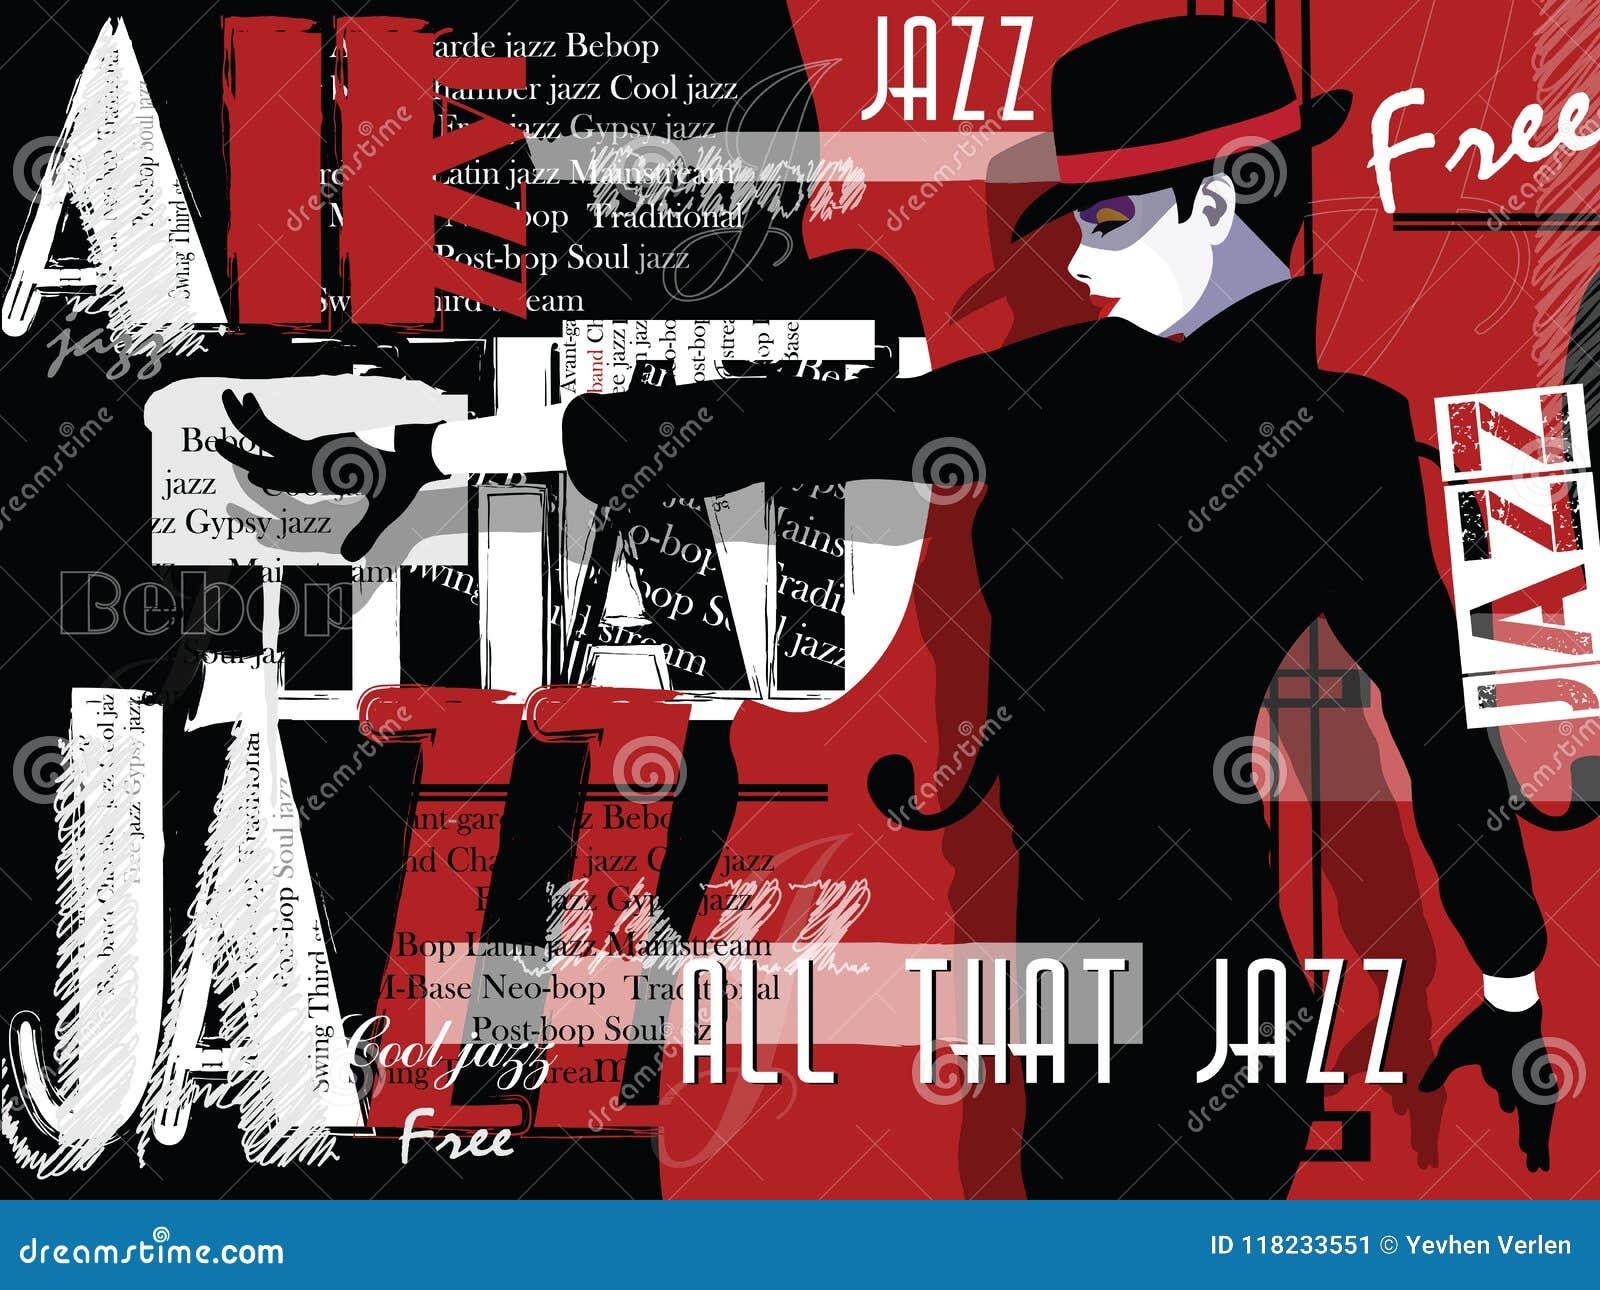 Jazzmusik, Plakathintergrundschablone